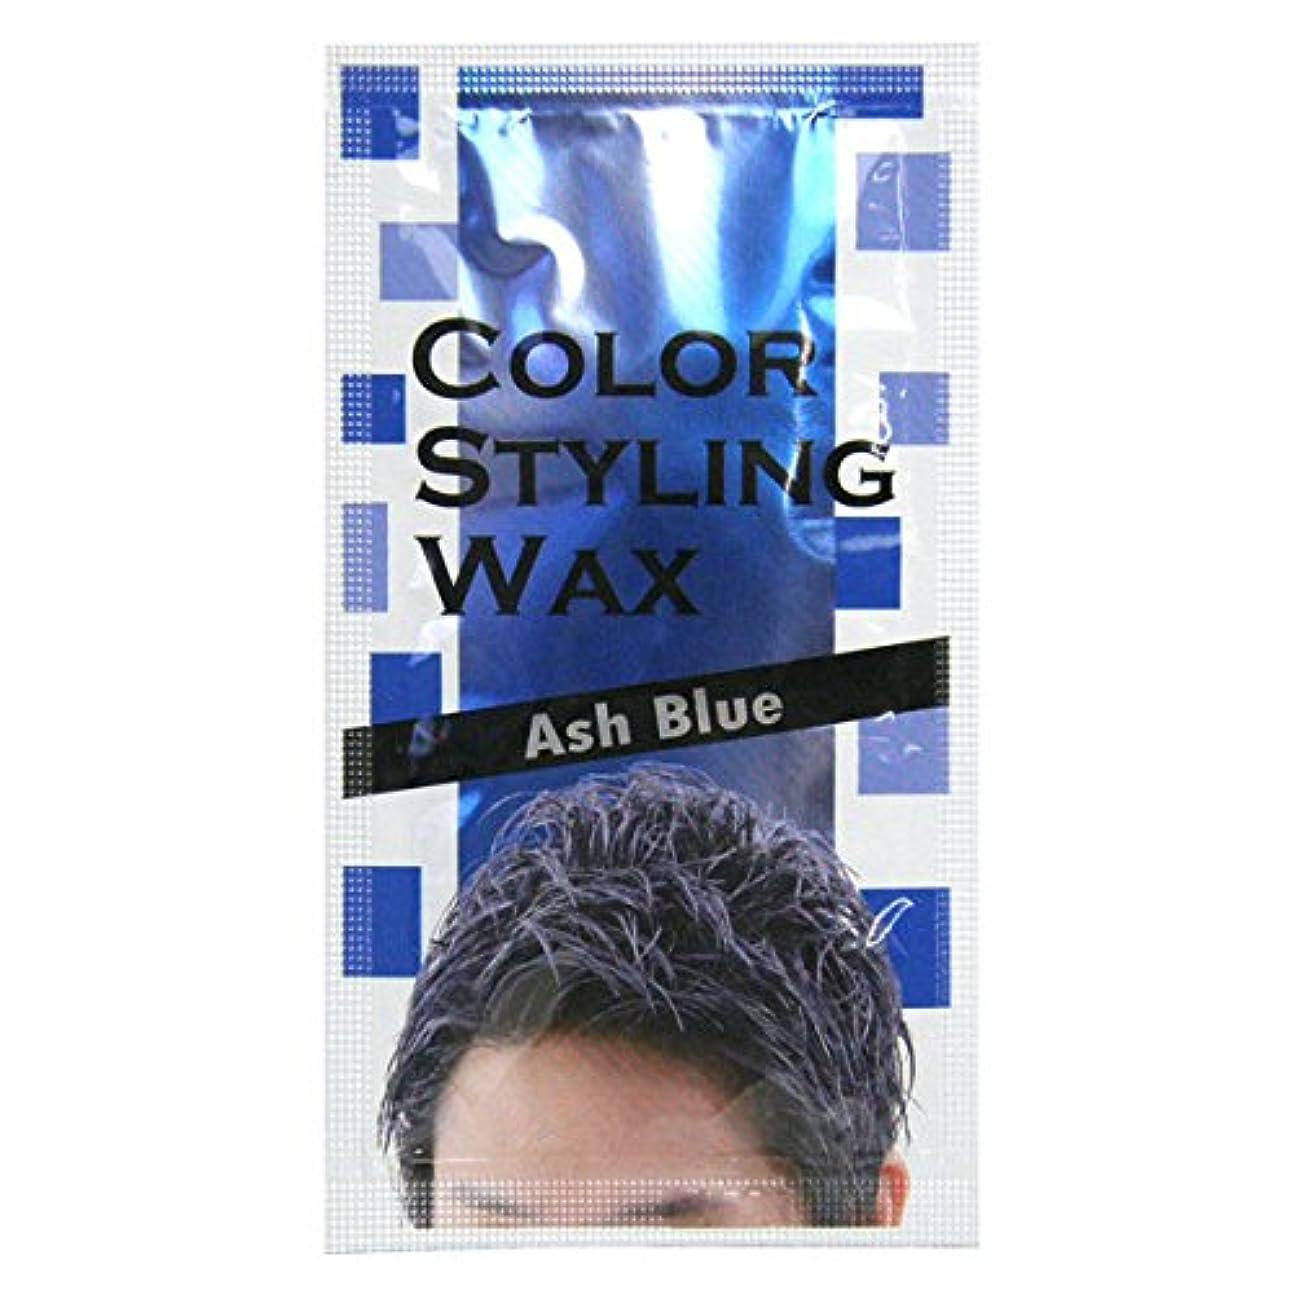 失礼な賃金紳士VINA カラースタイリングワックス ブルー